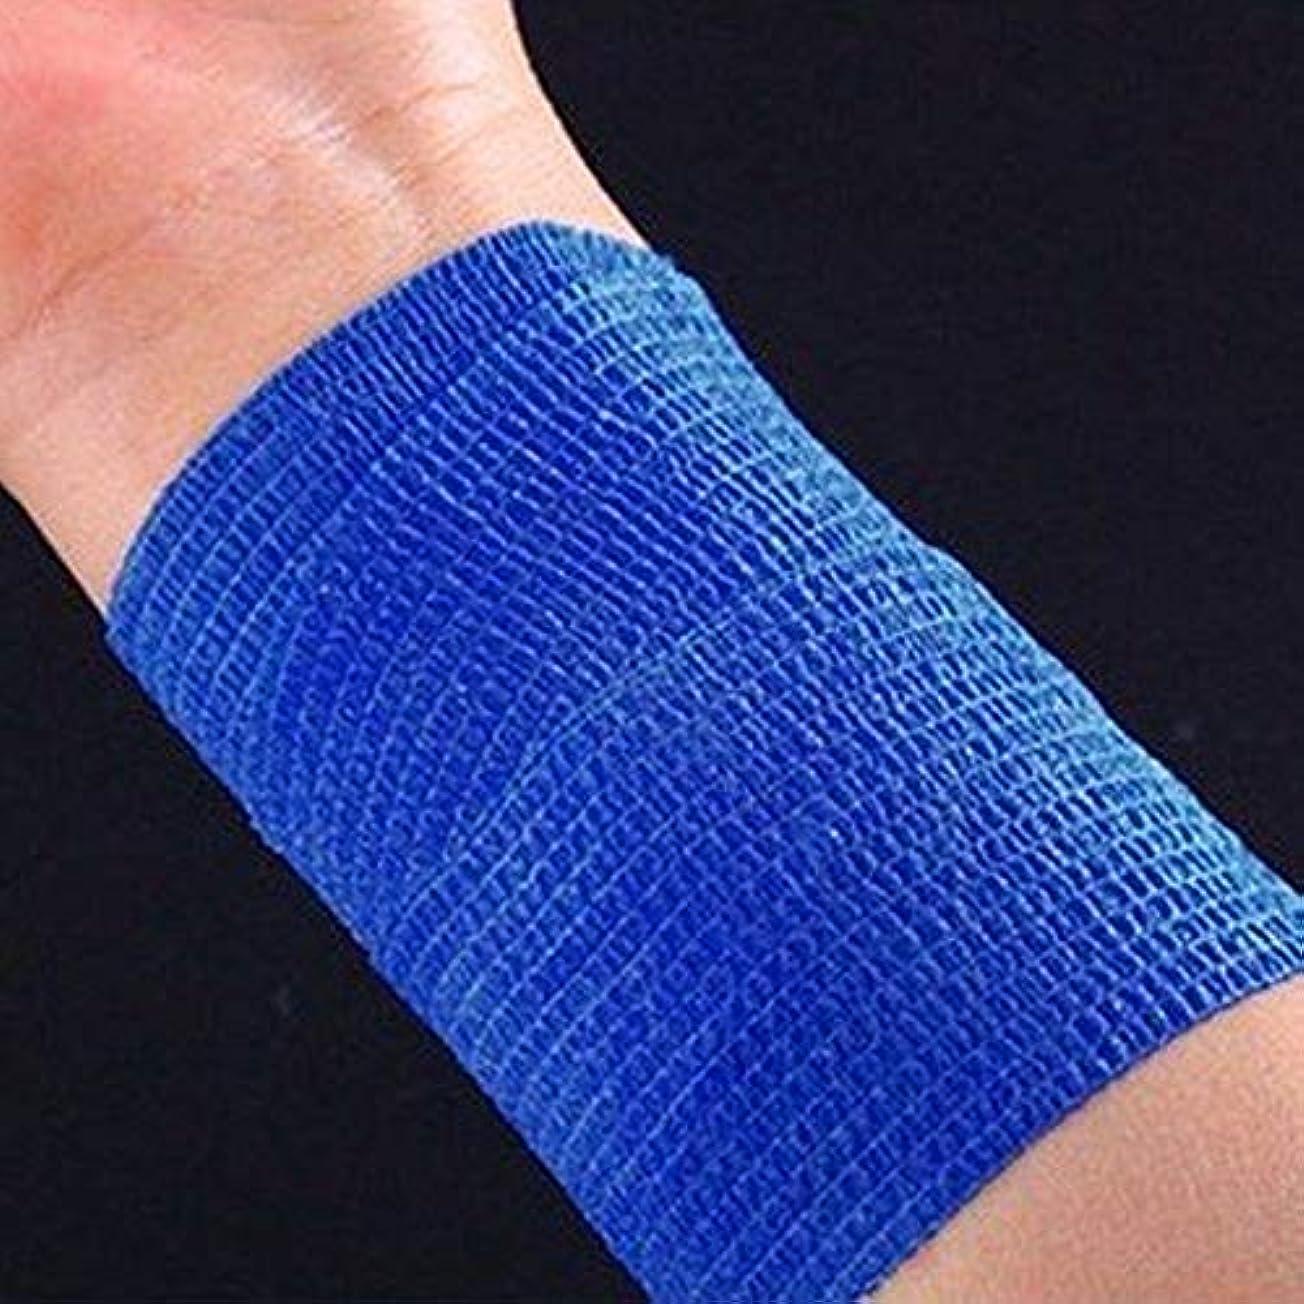 リングレット残基国民投票Pichidr-JP 自己接着包帯足首の捻挫、腫れや手首のための2インチの便利な弾性包帯